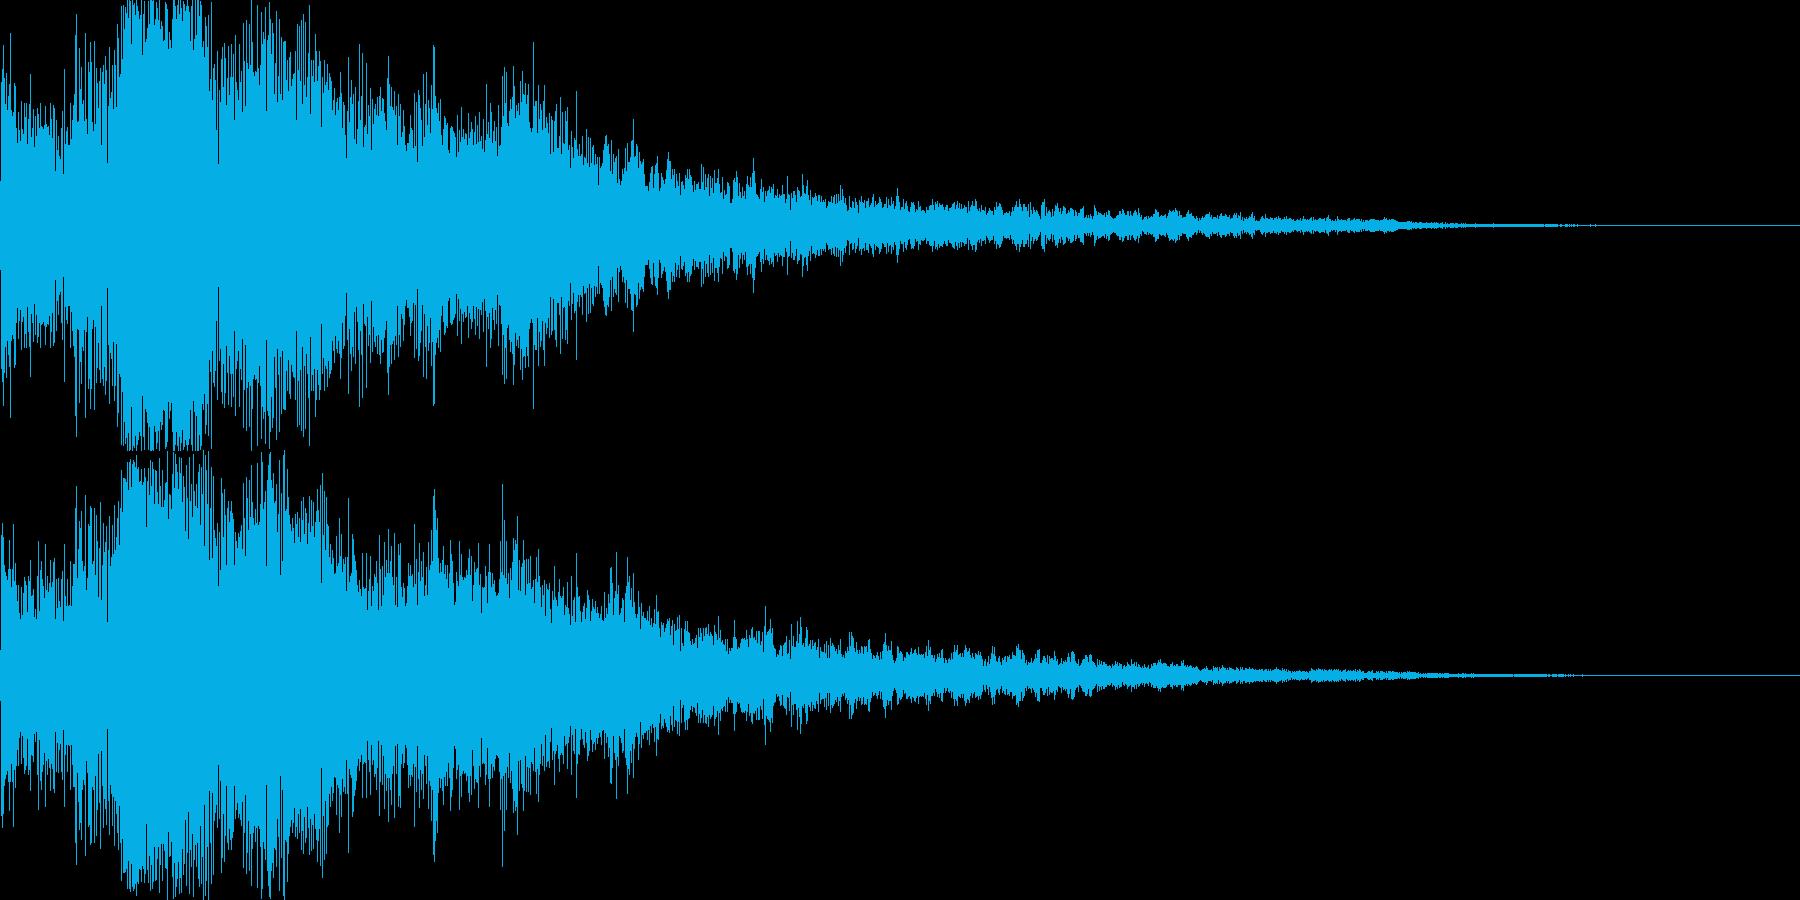 [ティロリーン]リザルト(華やかにキメ)の再生済みの波形